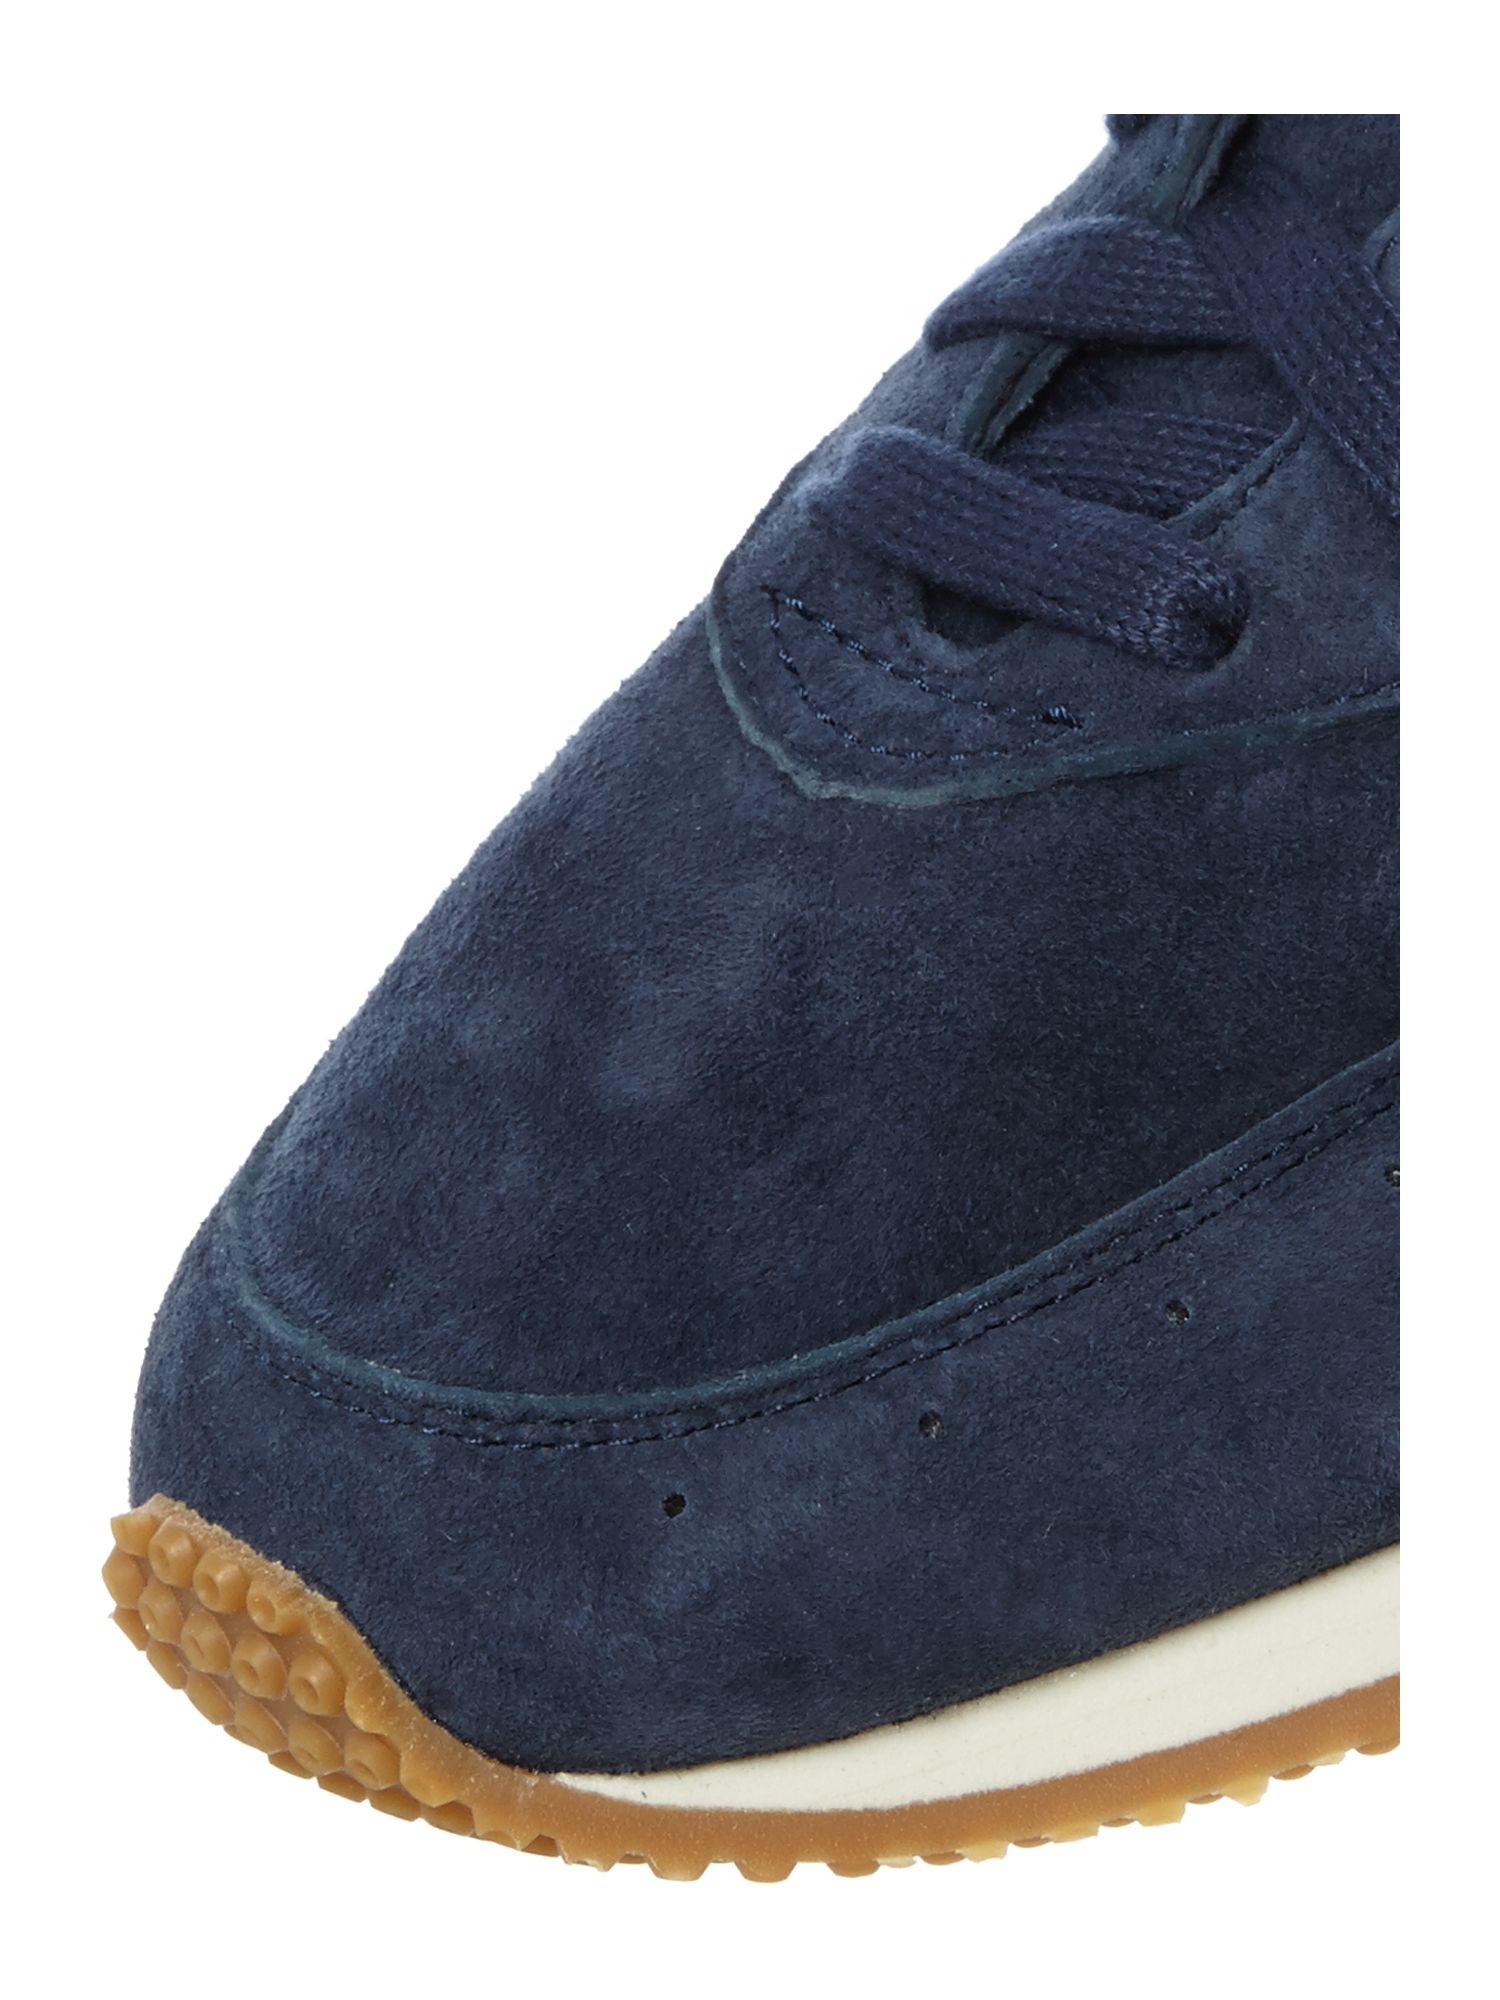 d90673995ba8 ... le coq sportif womens shoes blue . ...